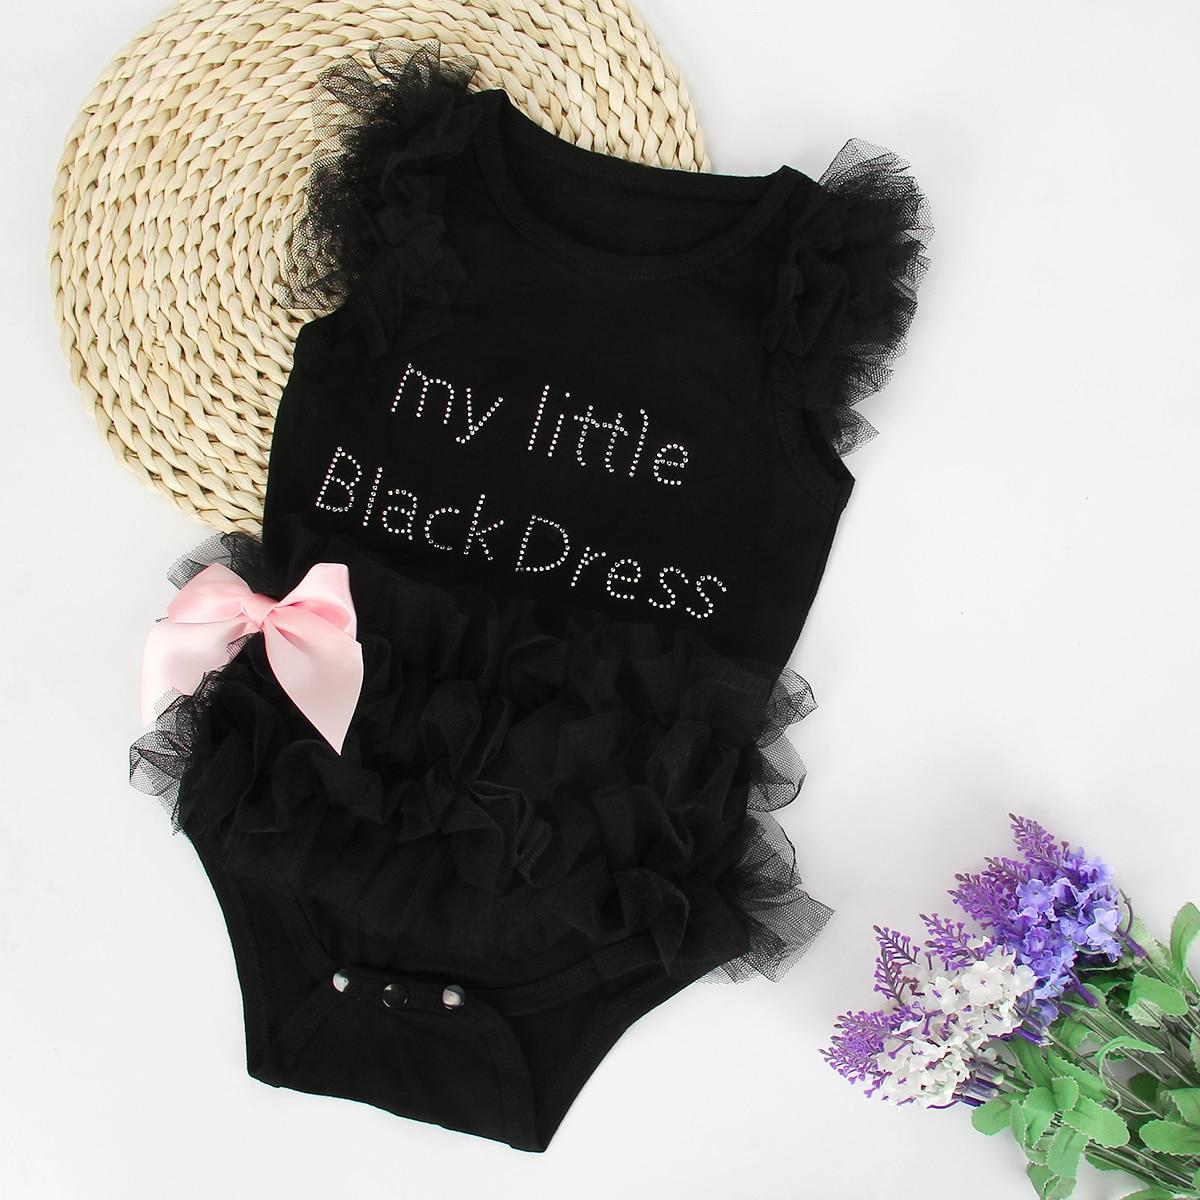 Black dress for baby girl - Little Black Dress Newborn Infant Kids Baby Girl Romper Jumpsuit Mesh Tutu Dress Romper Birthday Party